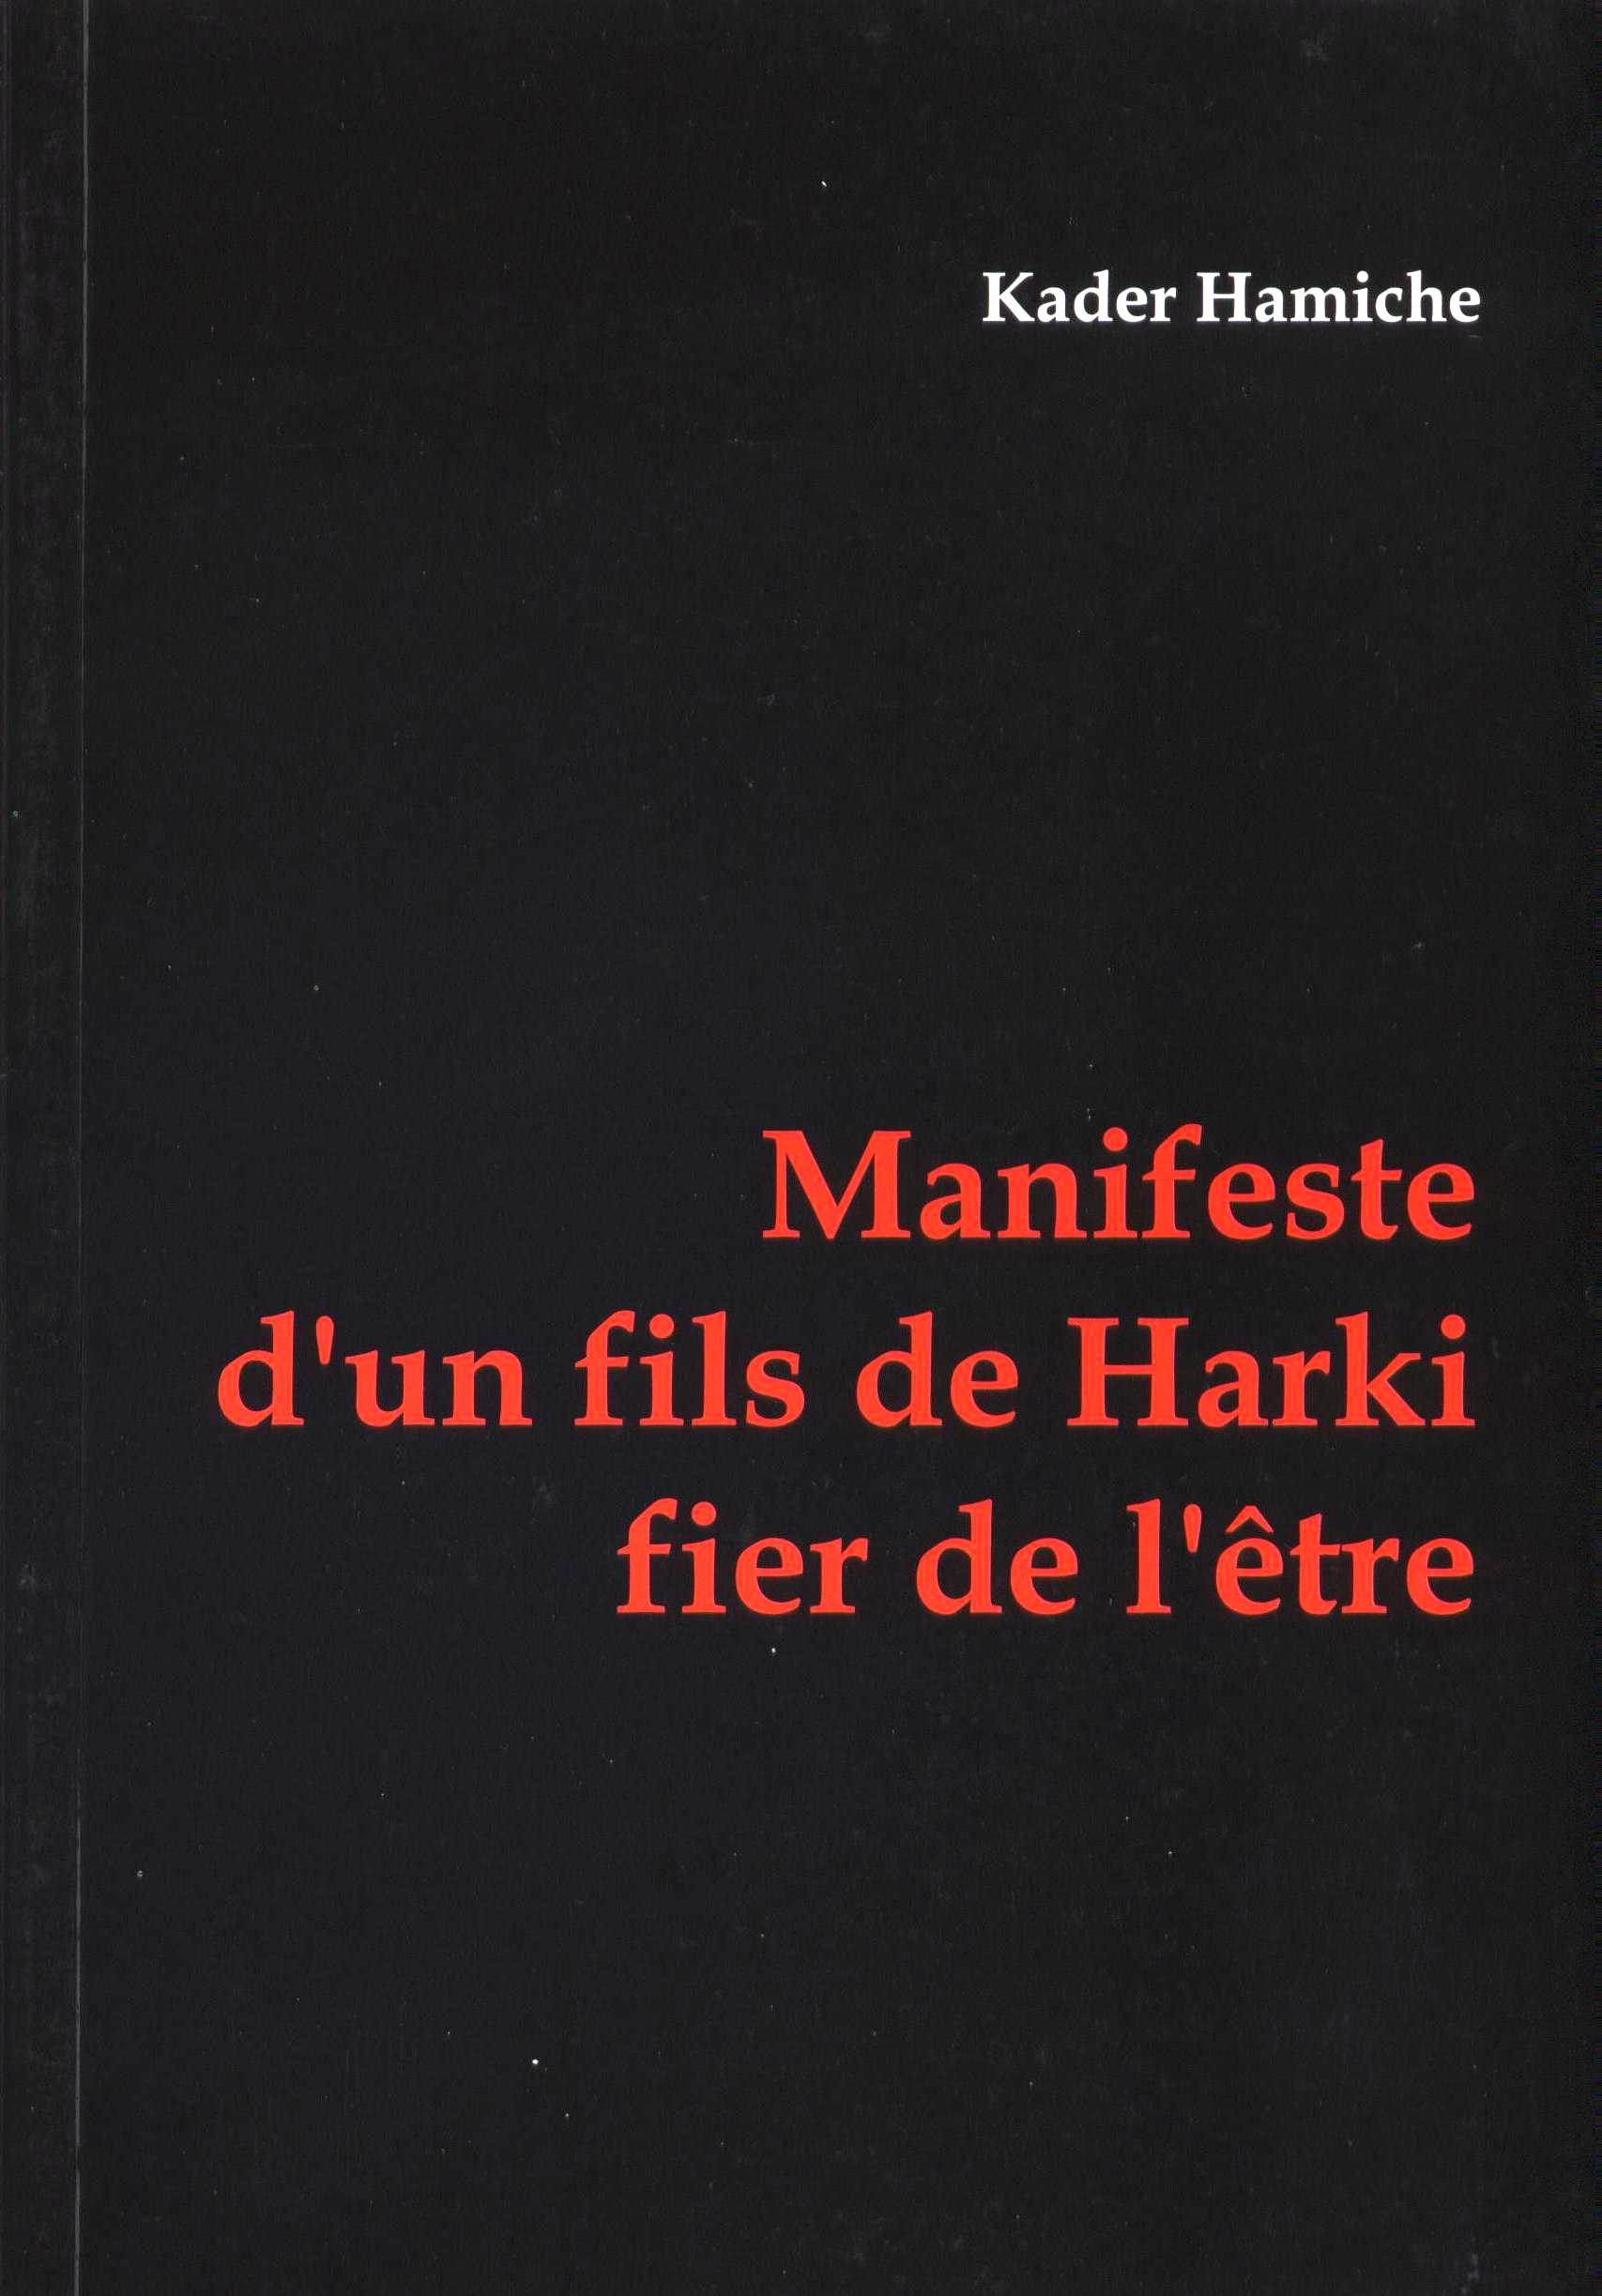 Manifeste d'un fils de Harki fier de l'être